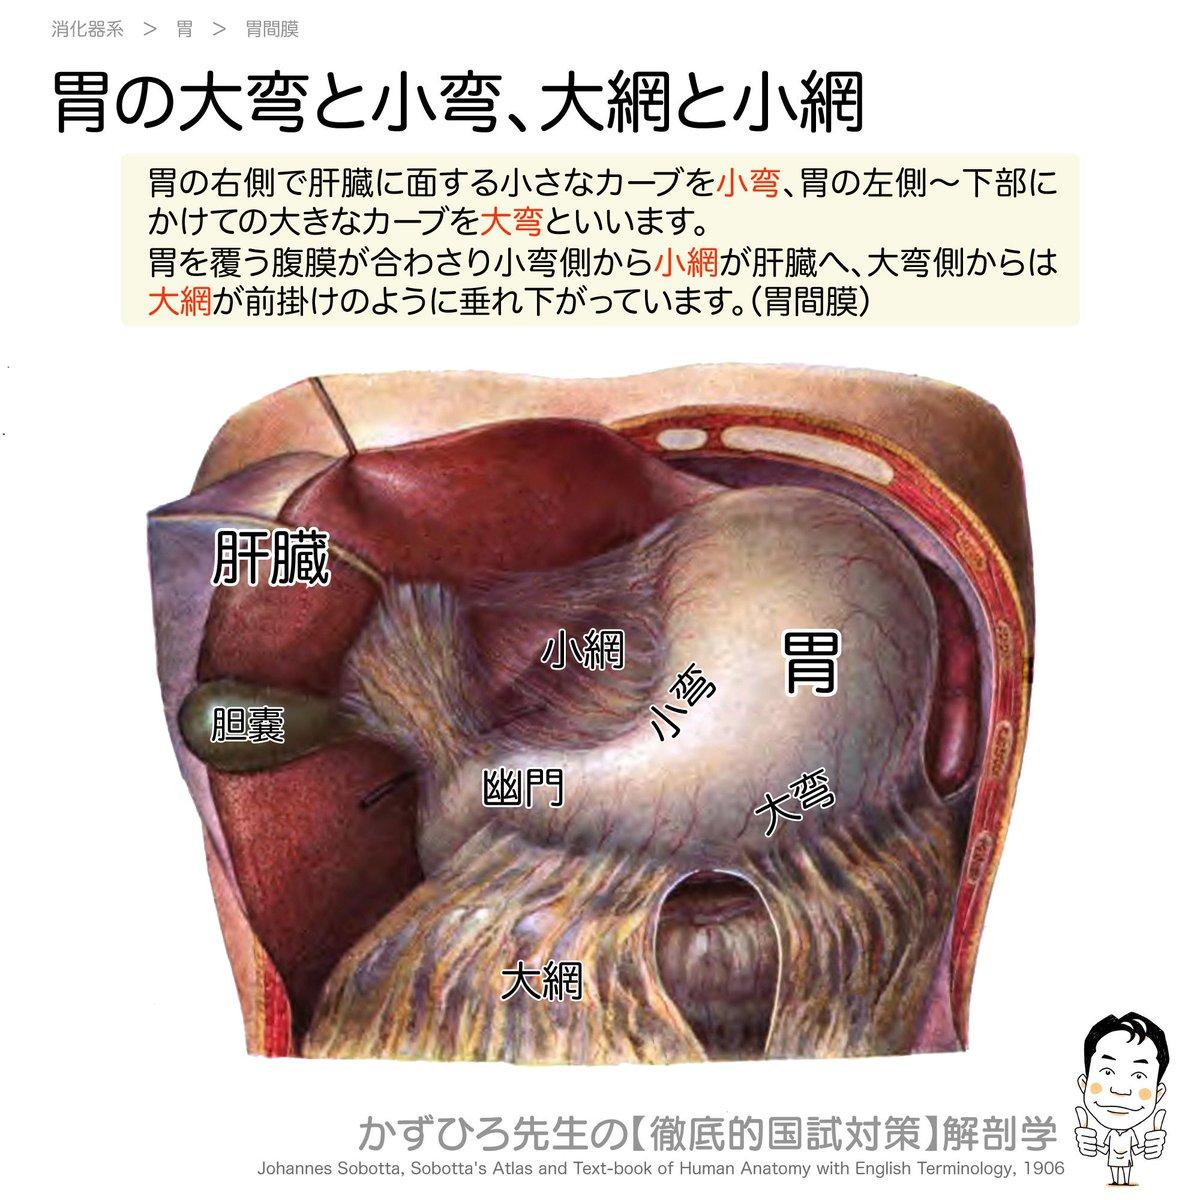 【胃の大弯と小弯、大網と小網】#胃 の右側で肝臓に面する小カーブが #小弯 、胃の左側〜下部にかけての大カーブが #大弯胃を覆う腹膜が合わさり小弯側から #小網 が肝臓へ、大弯側からは #大網 が垂れ下がっています。( #胃間膜 )【アナトミーブートキャンプ】